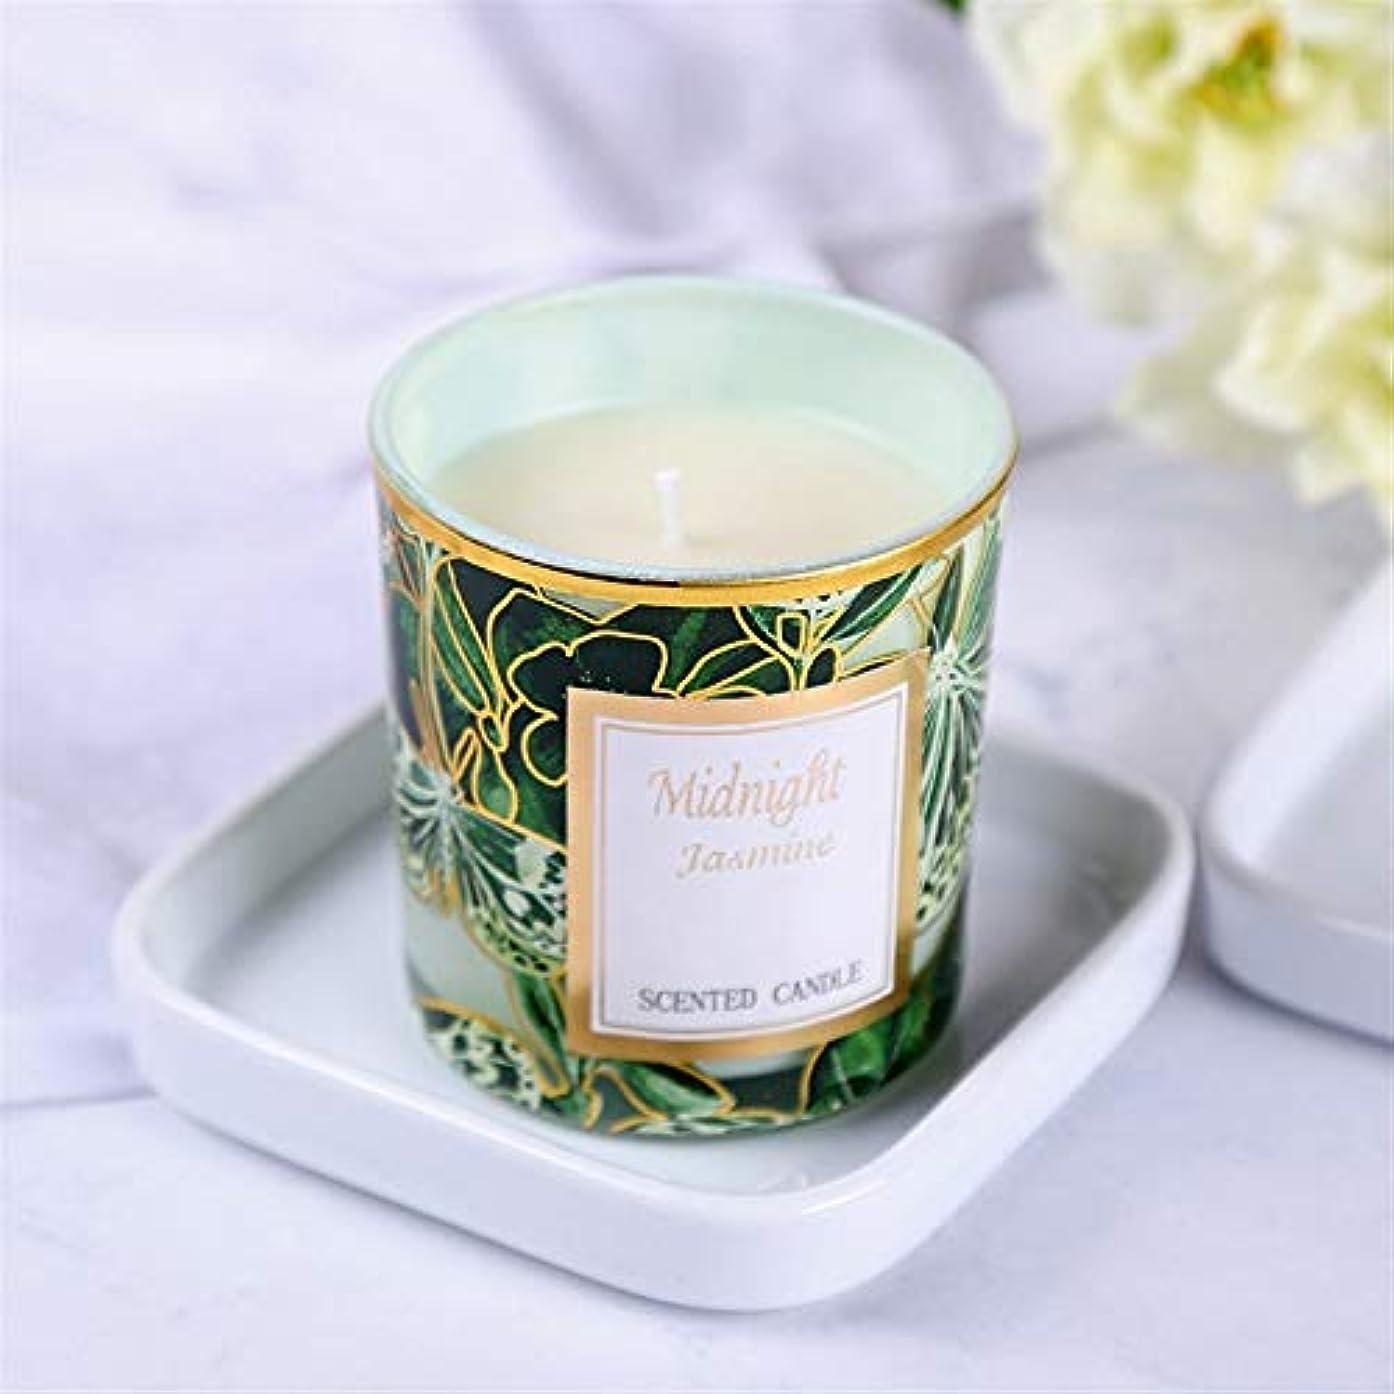 しなやかライオン試してみるZtian 禁煙キャンドルレストランロマンチックなカップルの家の香りのキャンドルカップ (色 : Shangri-La)